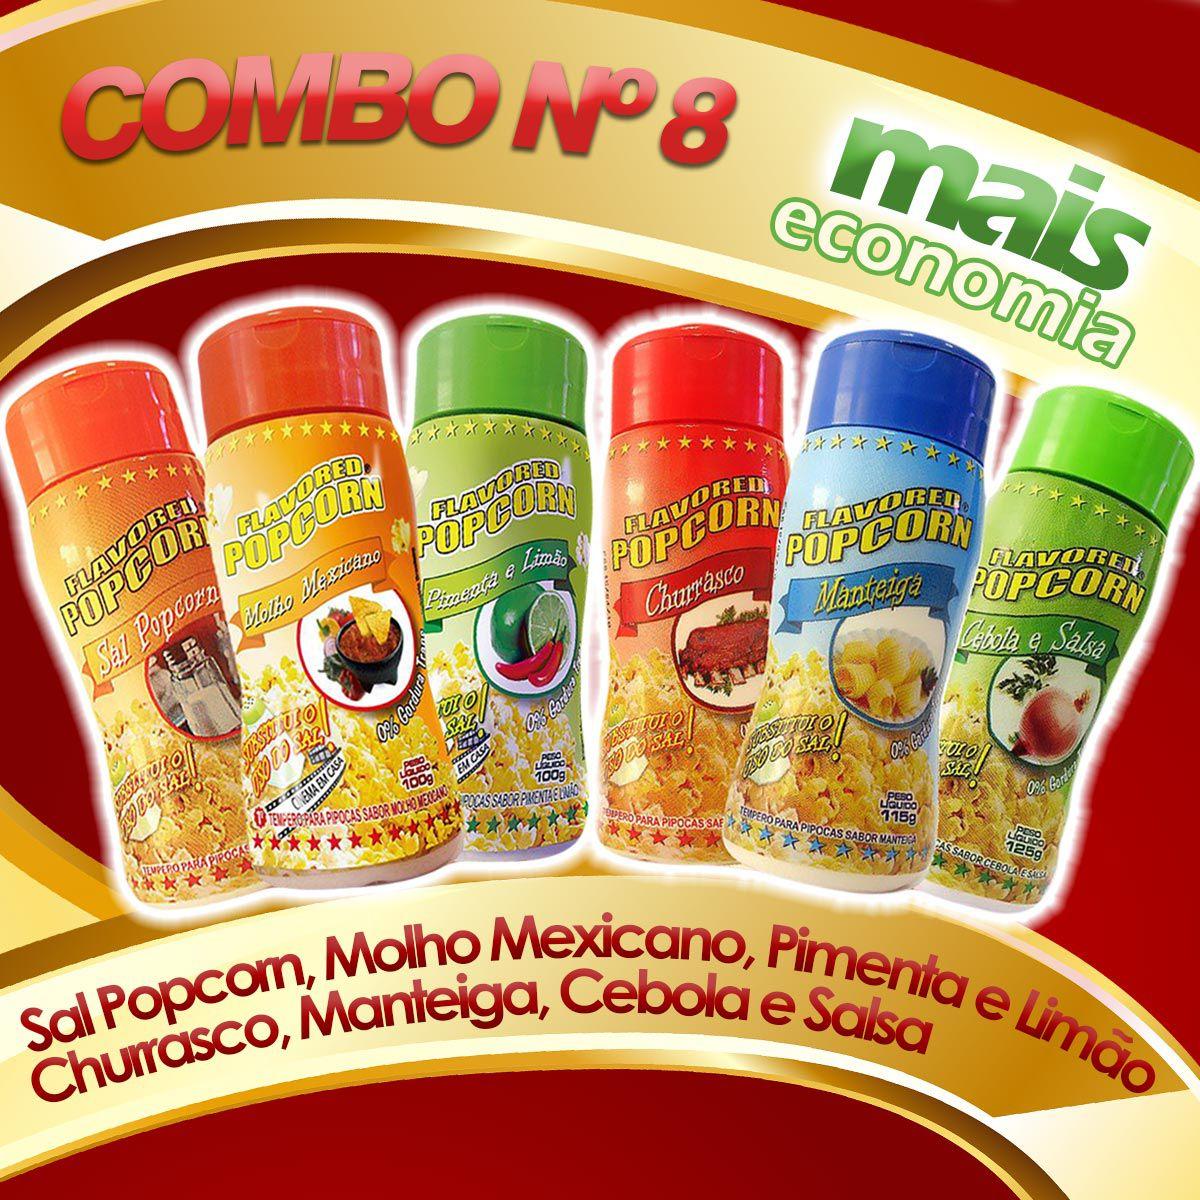 Combo Popcorn nº8 - 06 Temperos - Pague Menos - Churrasco, cebola e Salsa, Manteiga, Sal Popcorn, Molho mexicano, Pimenta e limão